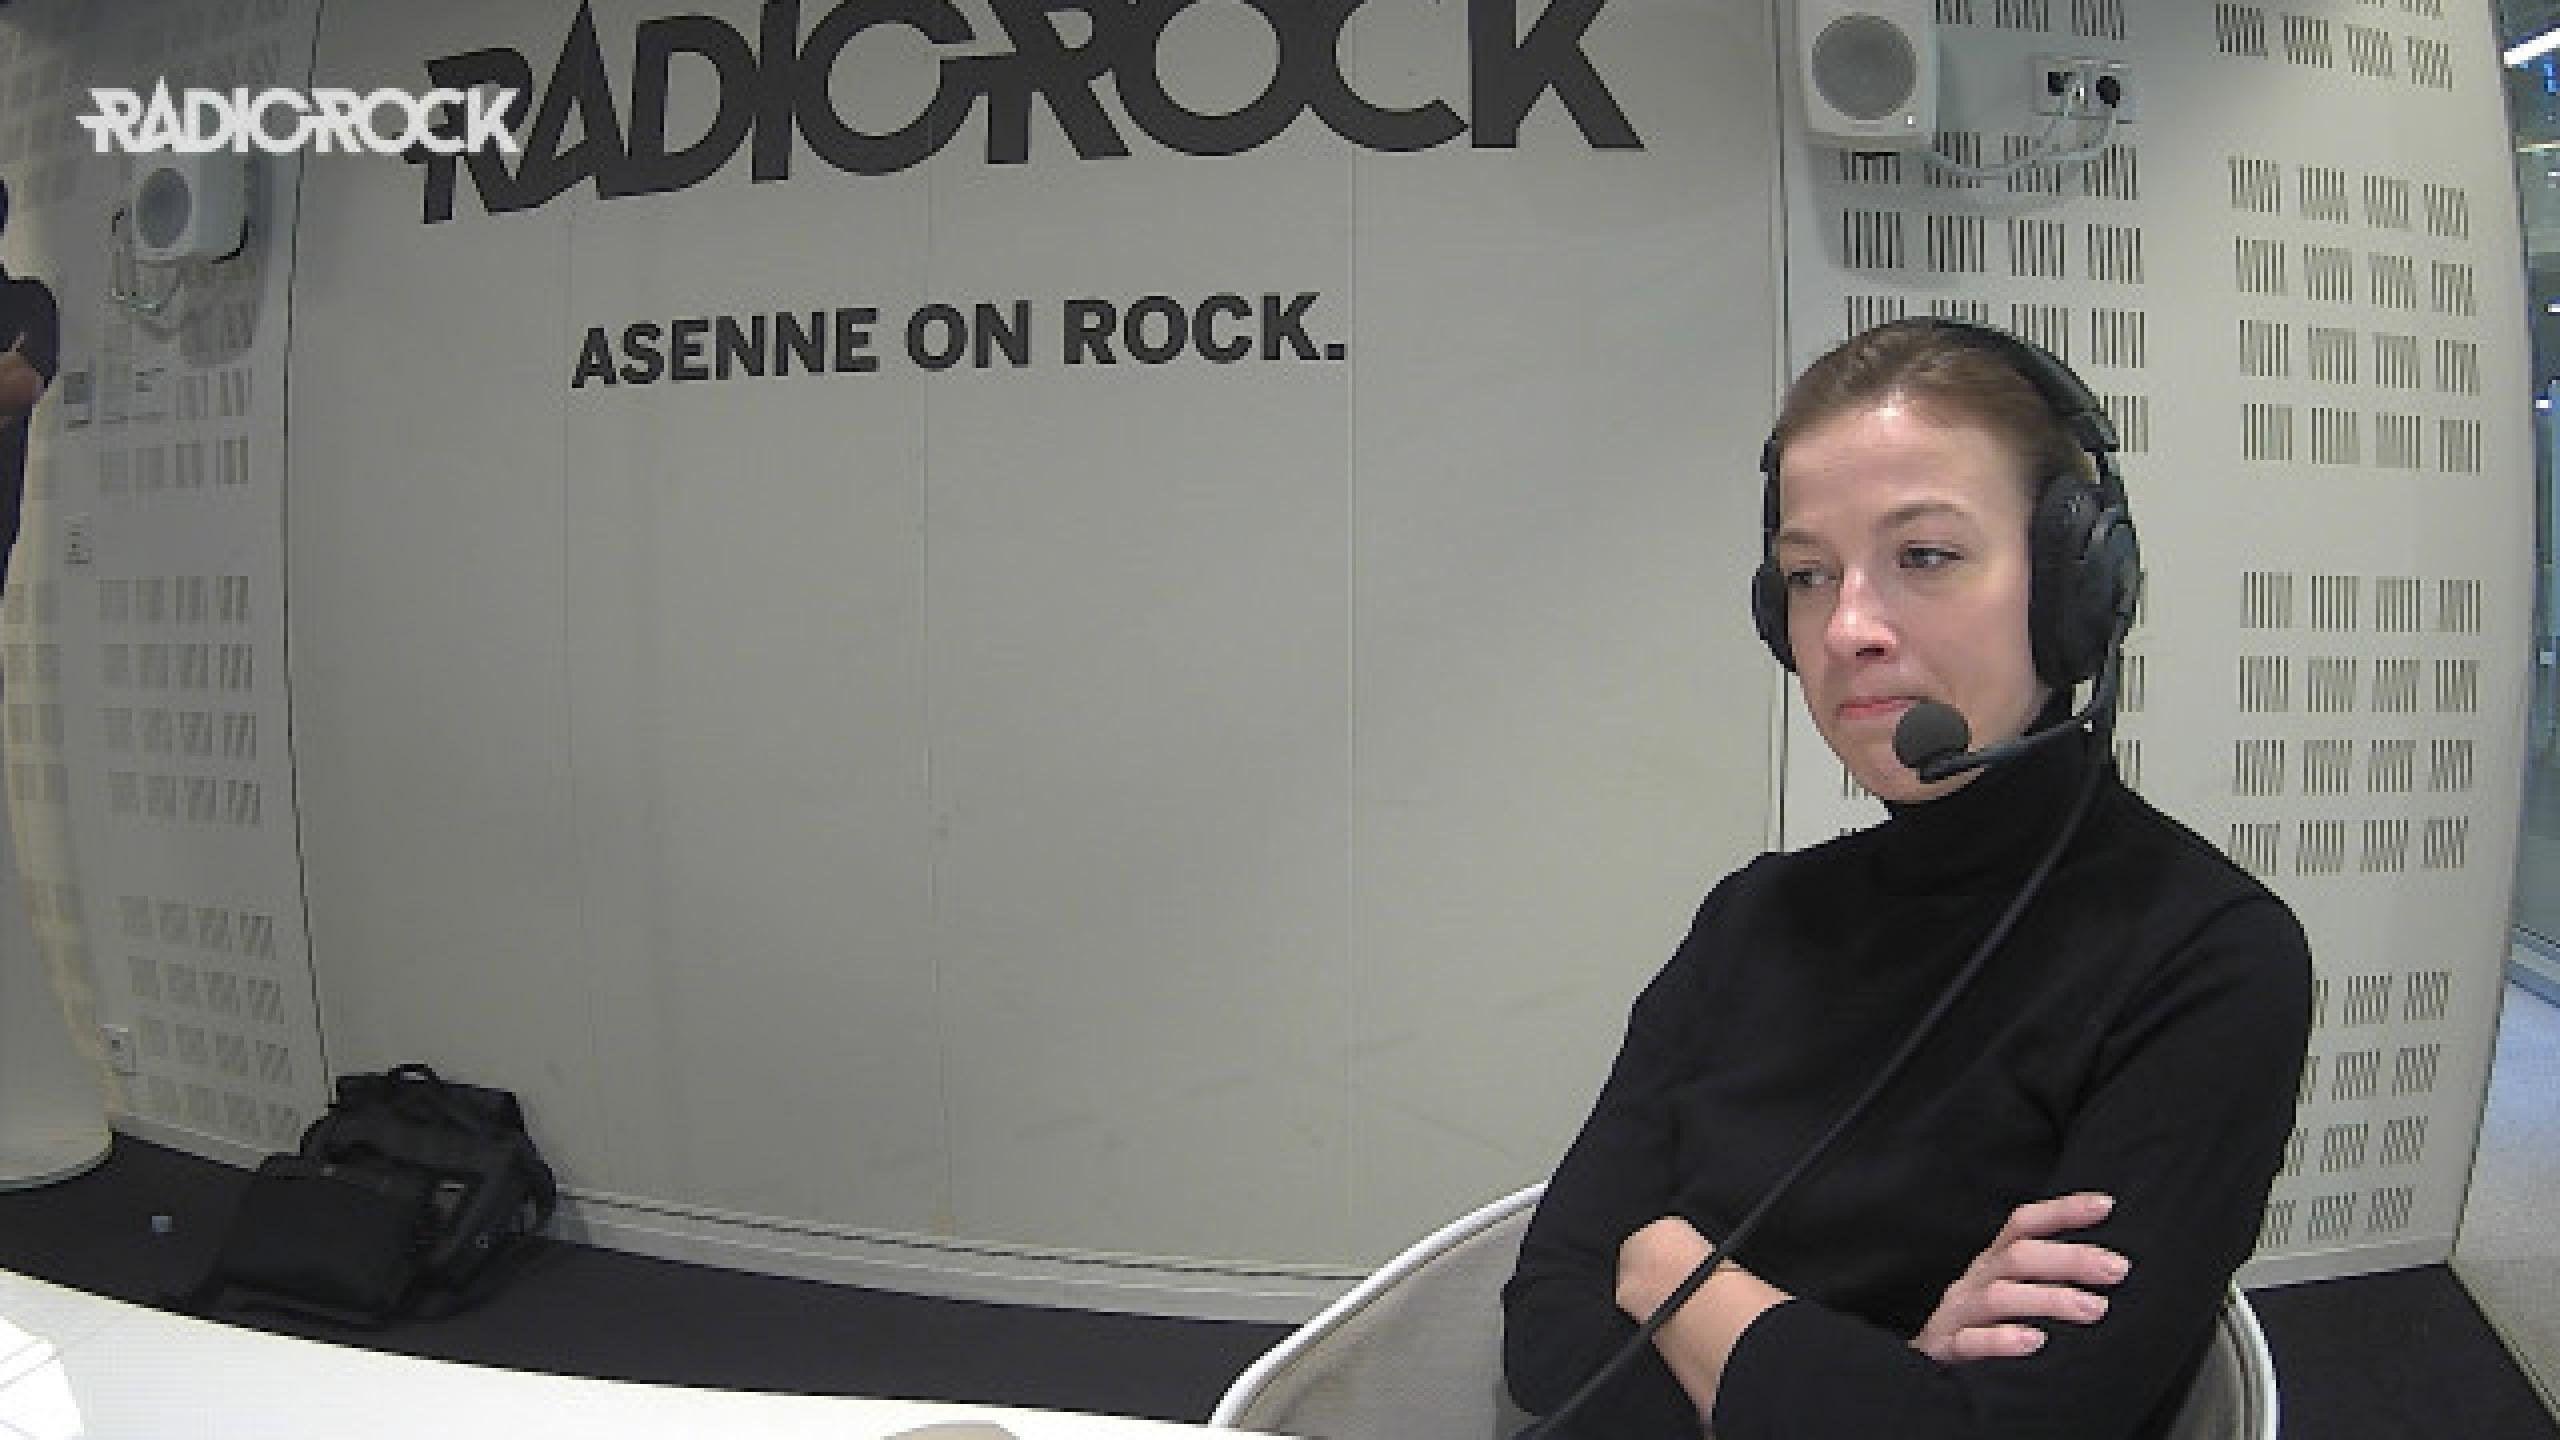 Li Andersson tyrmää sote-uudistuksen Paskapuhetta suoraan sanoen